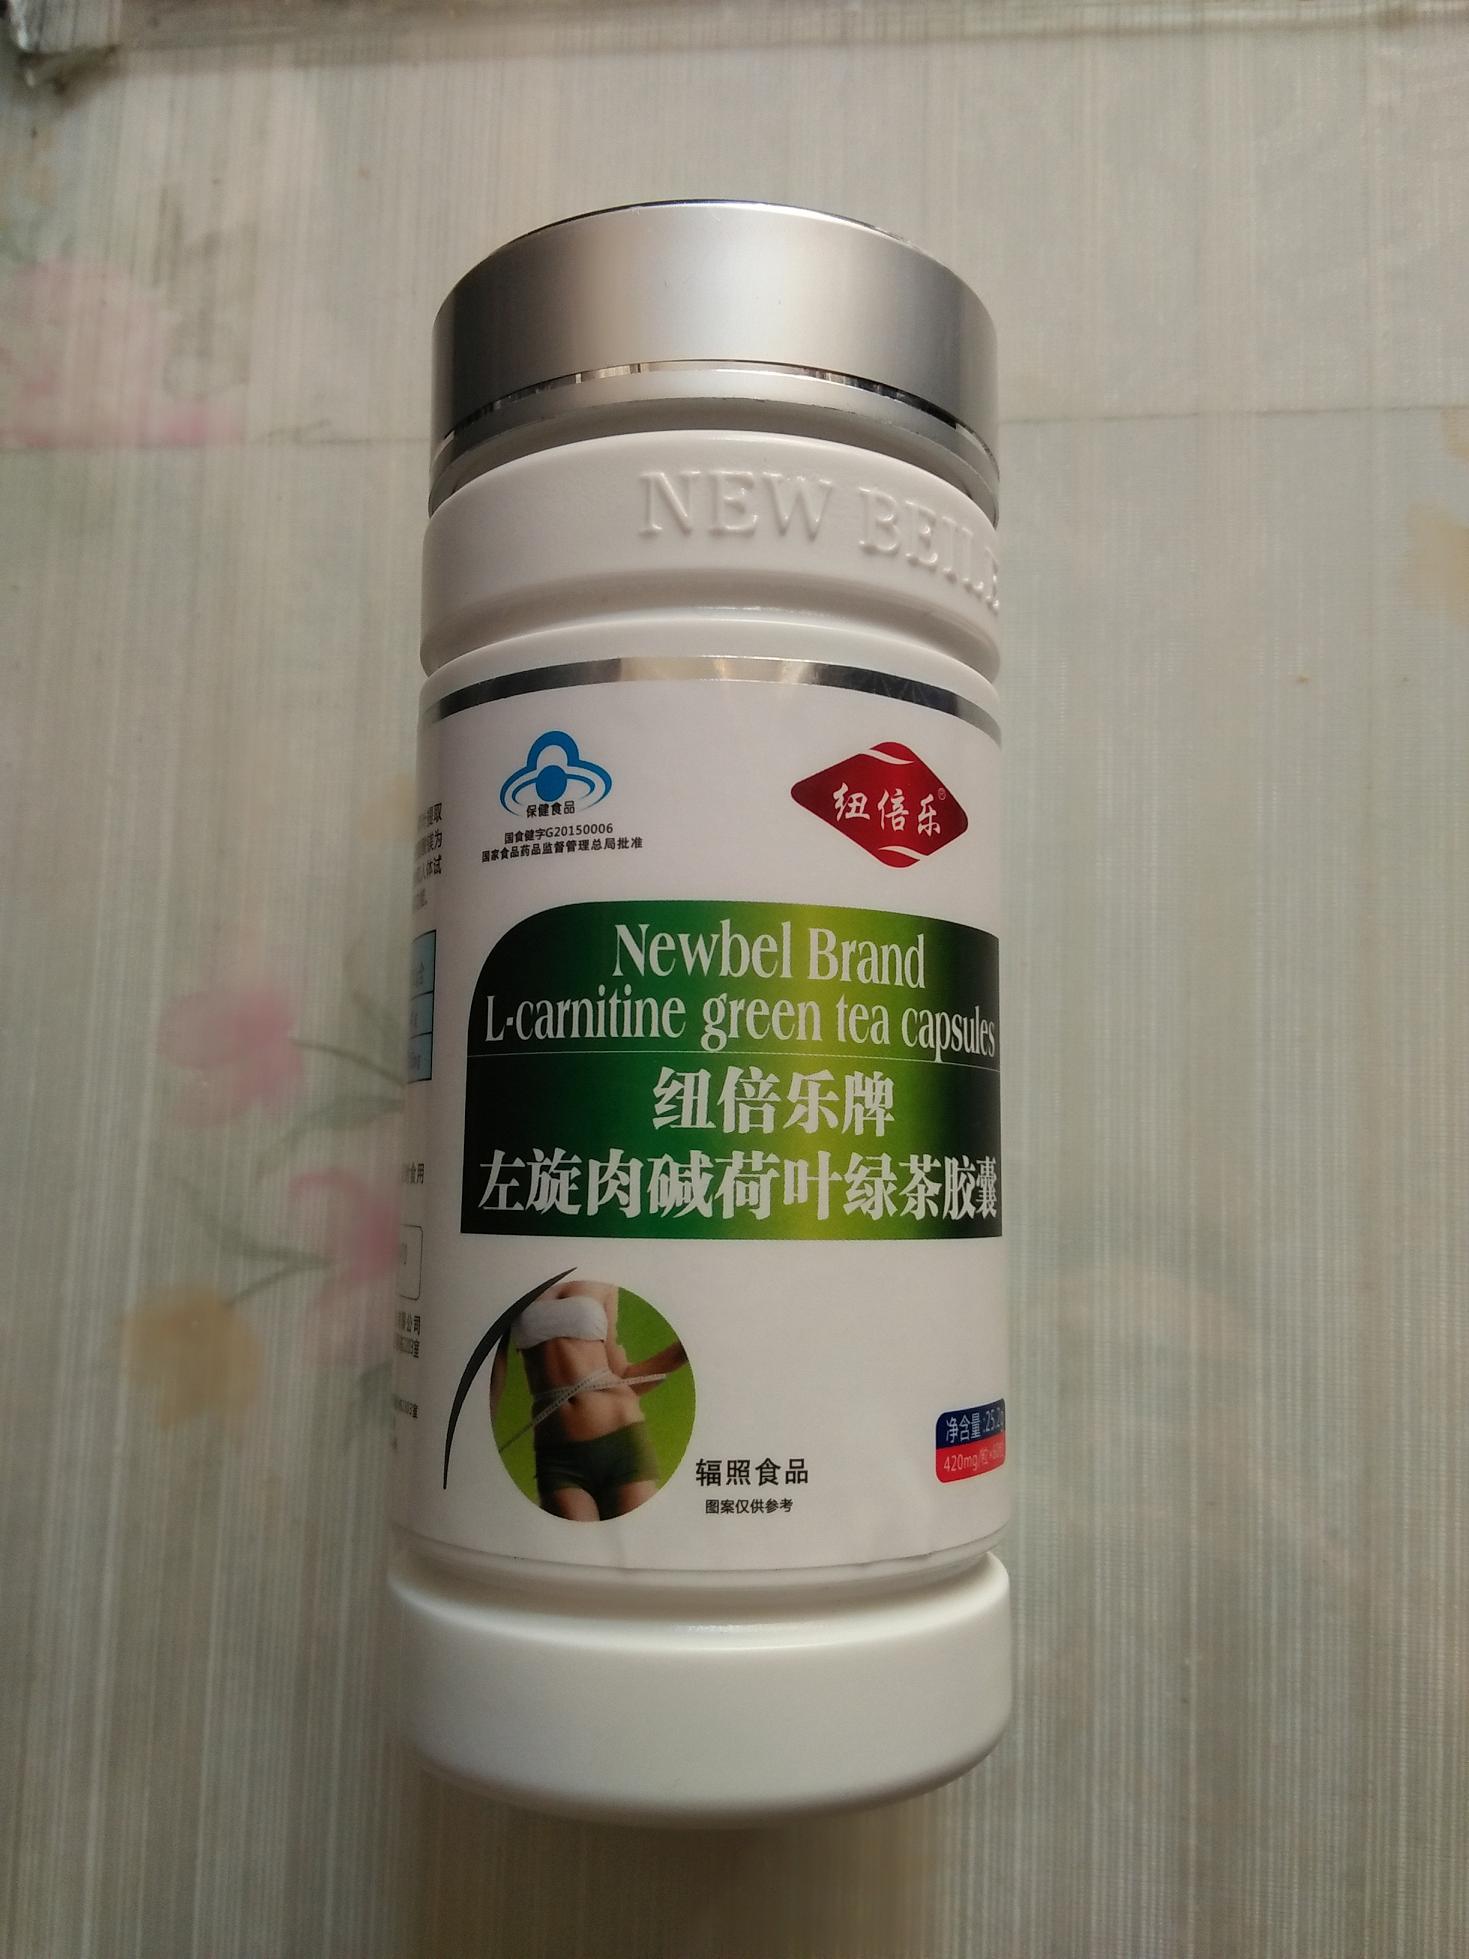 在纽倍乐申请的减肥药试用收到用了12天了